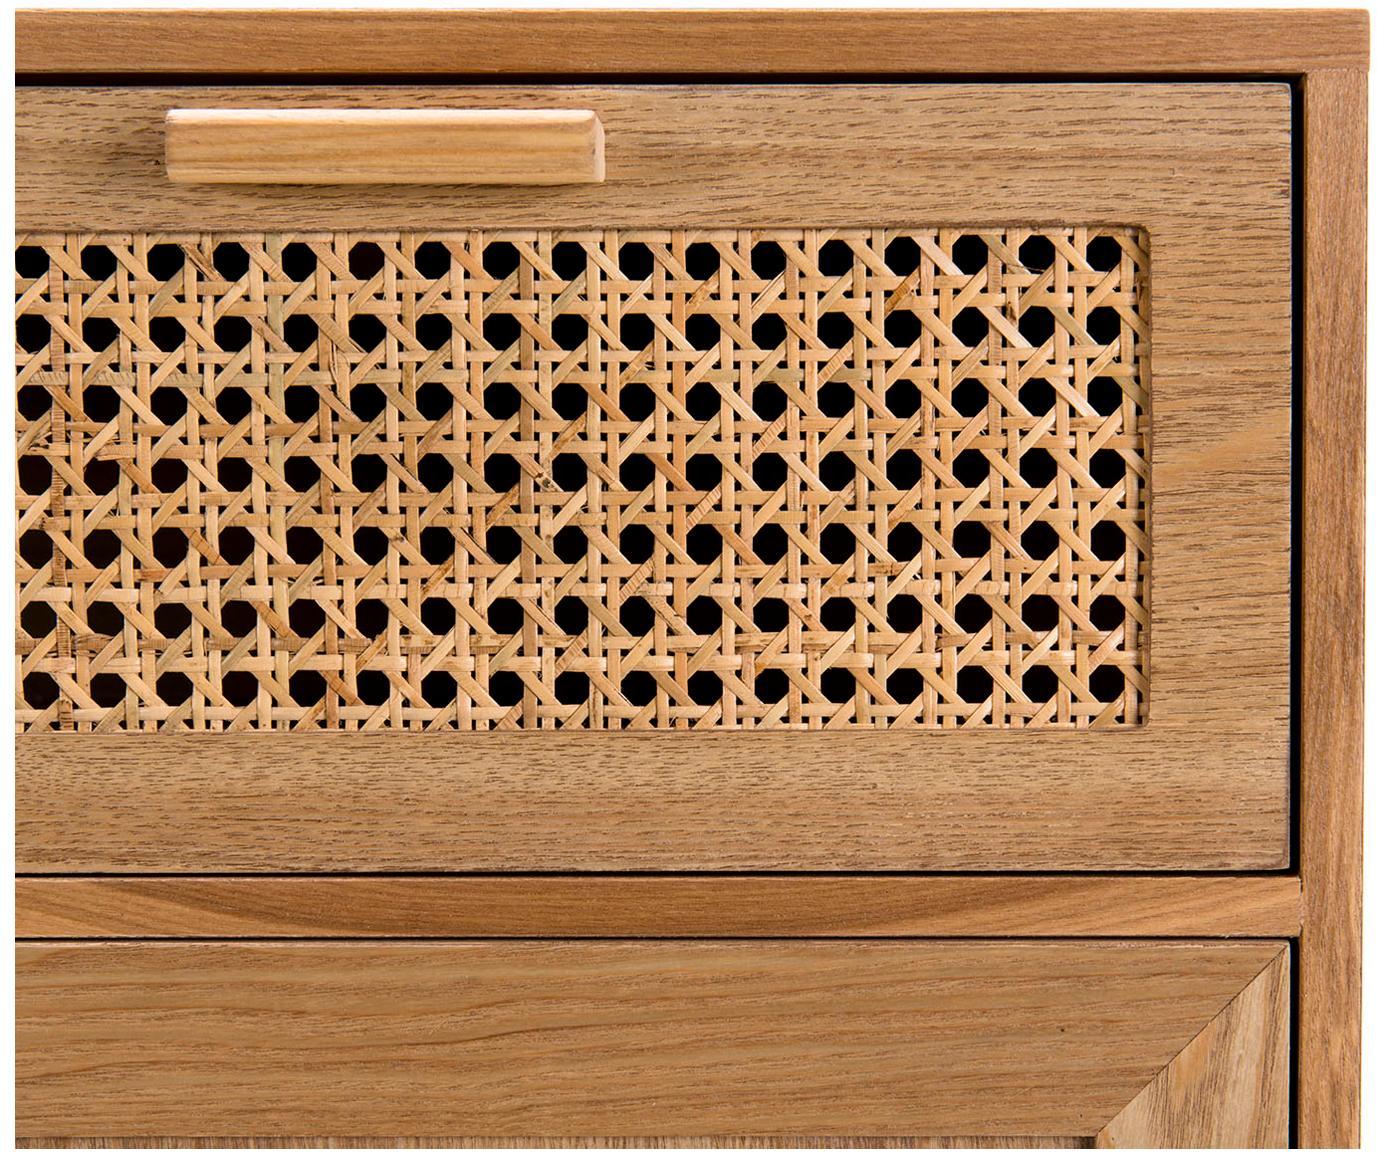 Holz-Kommode Romeo mit Wiener Geflecht, Mitteldichte Holzfaserplatte (MDF), Eschenholzfurnier, Eschenholz, 75 x 86 cm